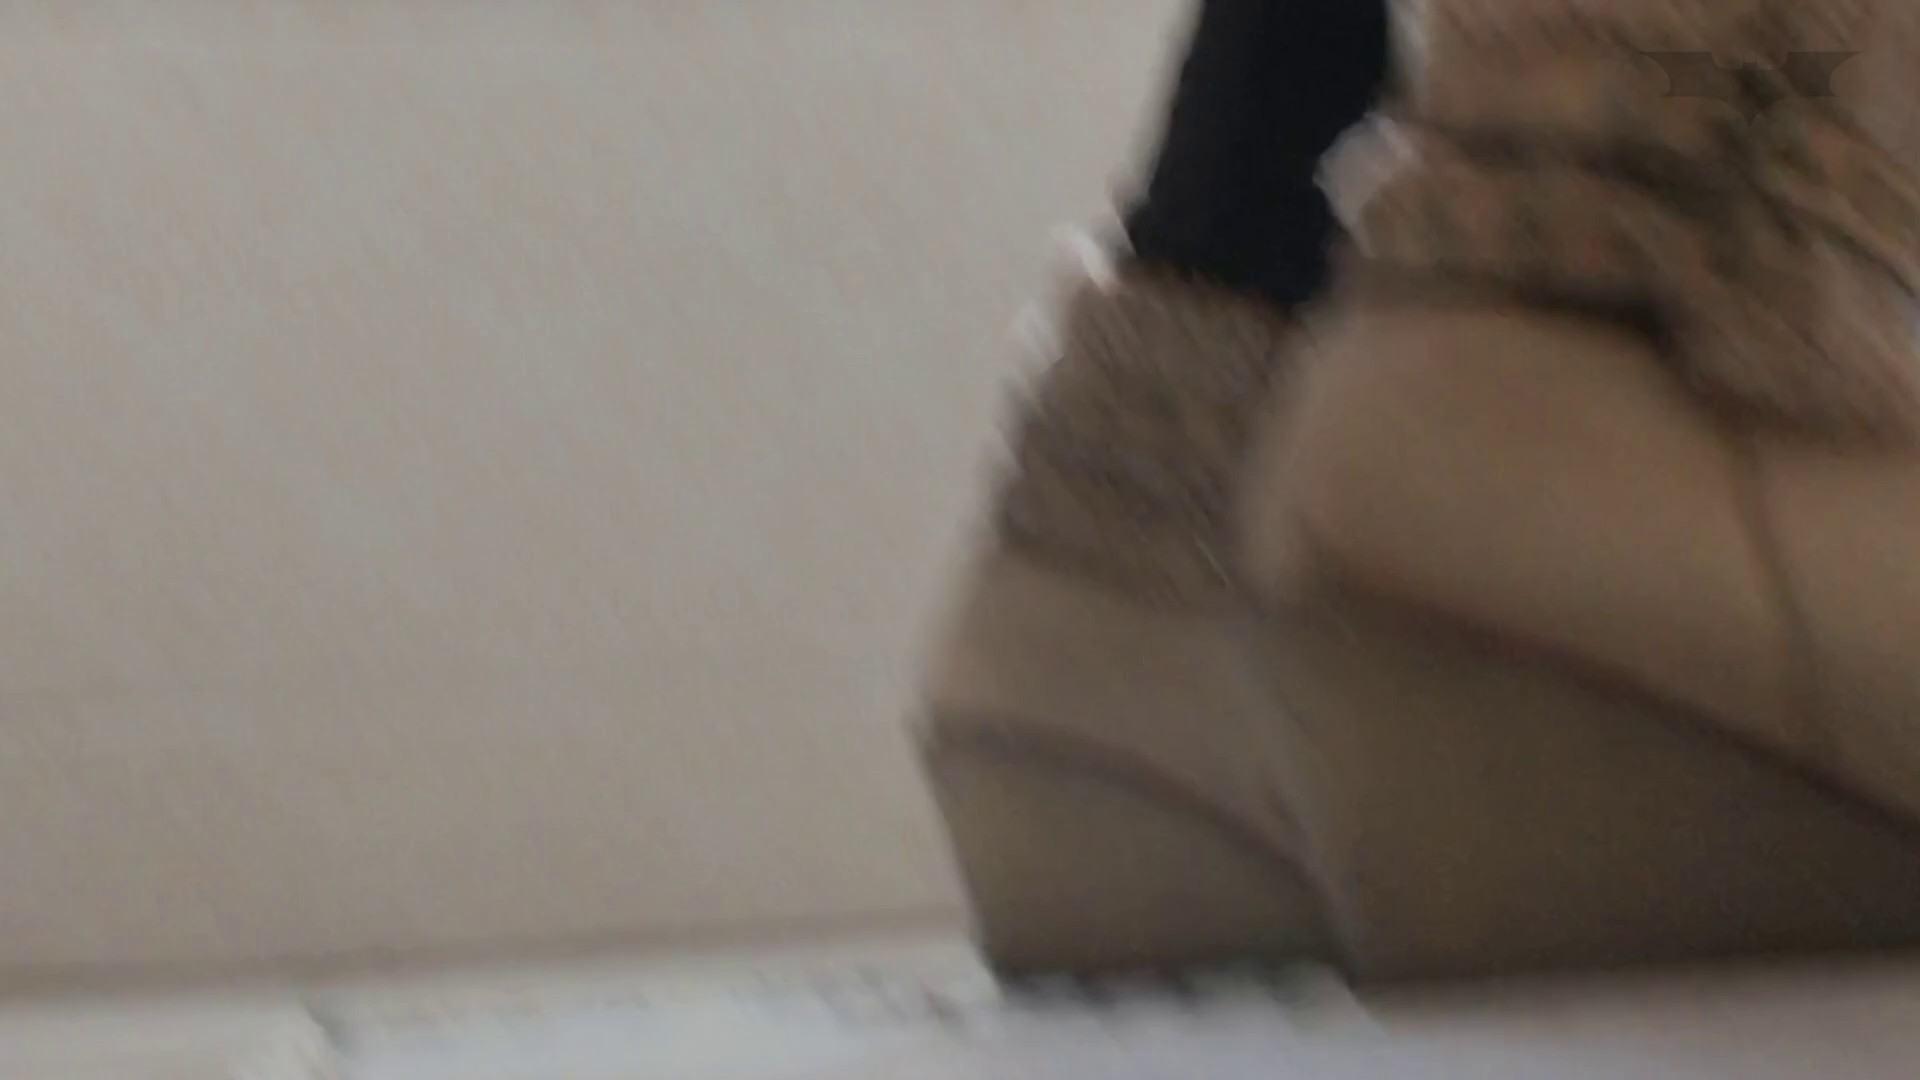 芸術大学ガチ潜入盗撮 JD盗撮 美女の洗面所の秘密 Vol.108 潜入エロ調査 | トイレ中  86連発 47